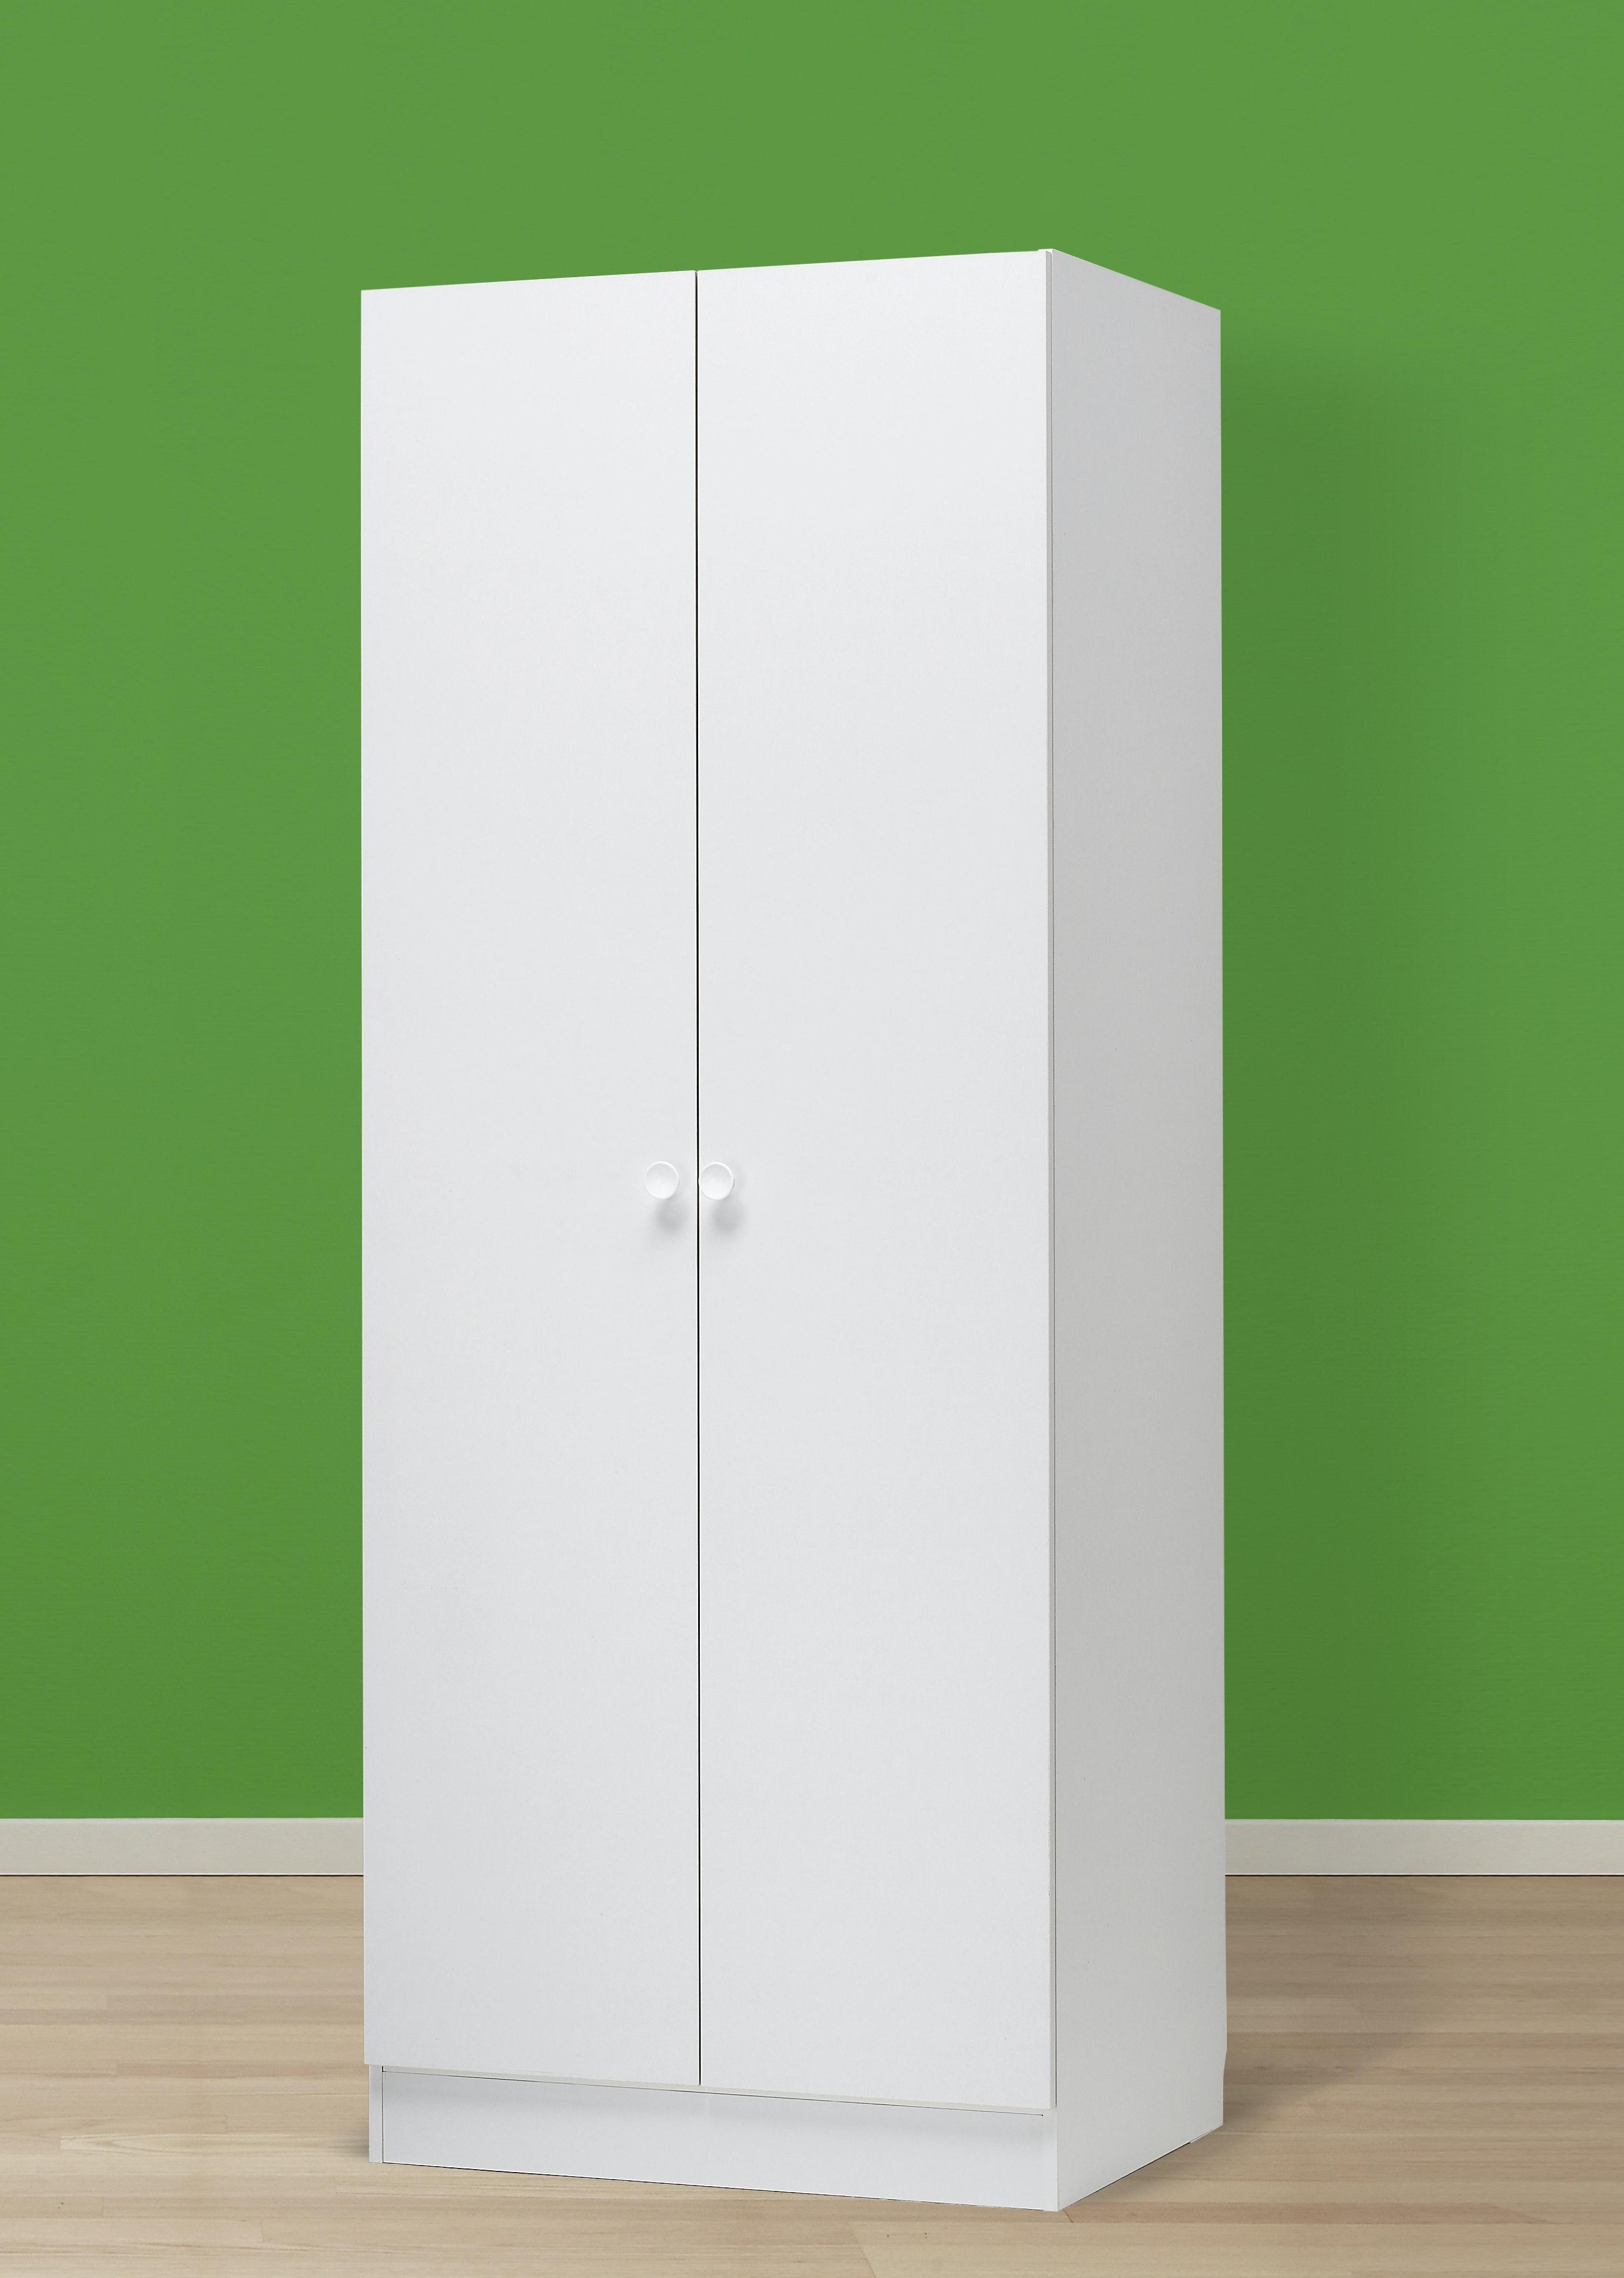 Garderob Nobia Vit 80x60x206